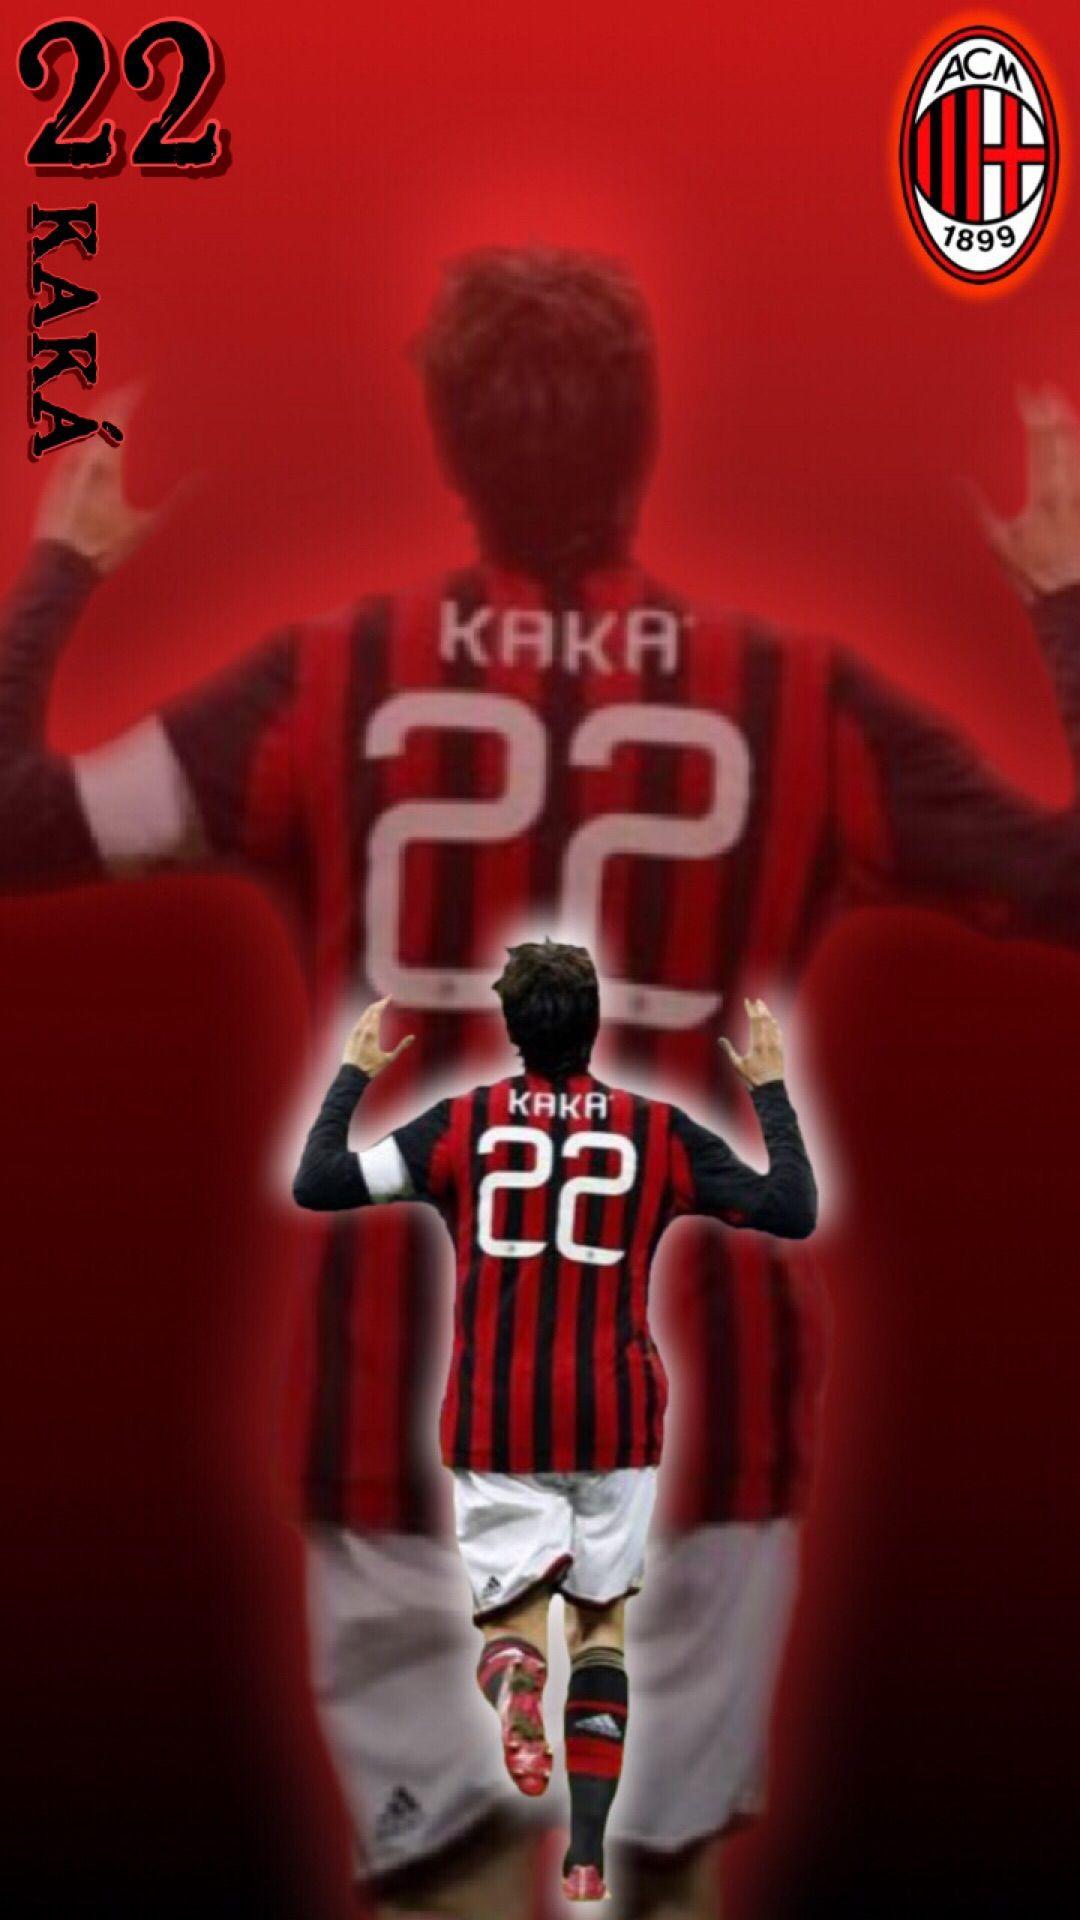 カカ Kaka Milan サッカー選手 選手 サッカー